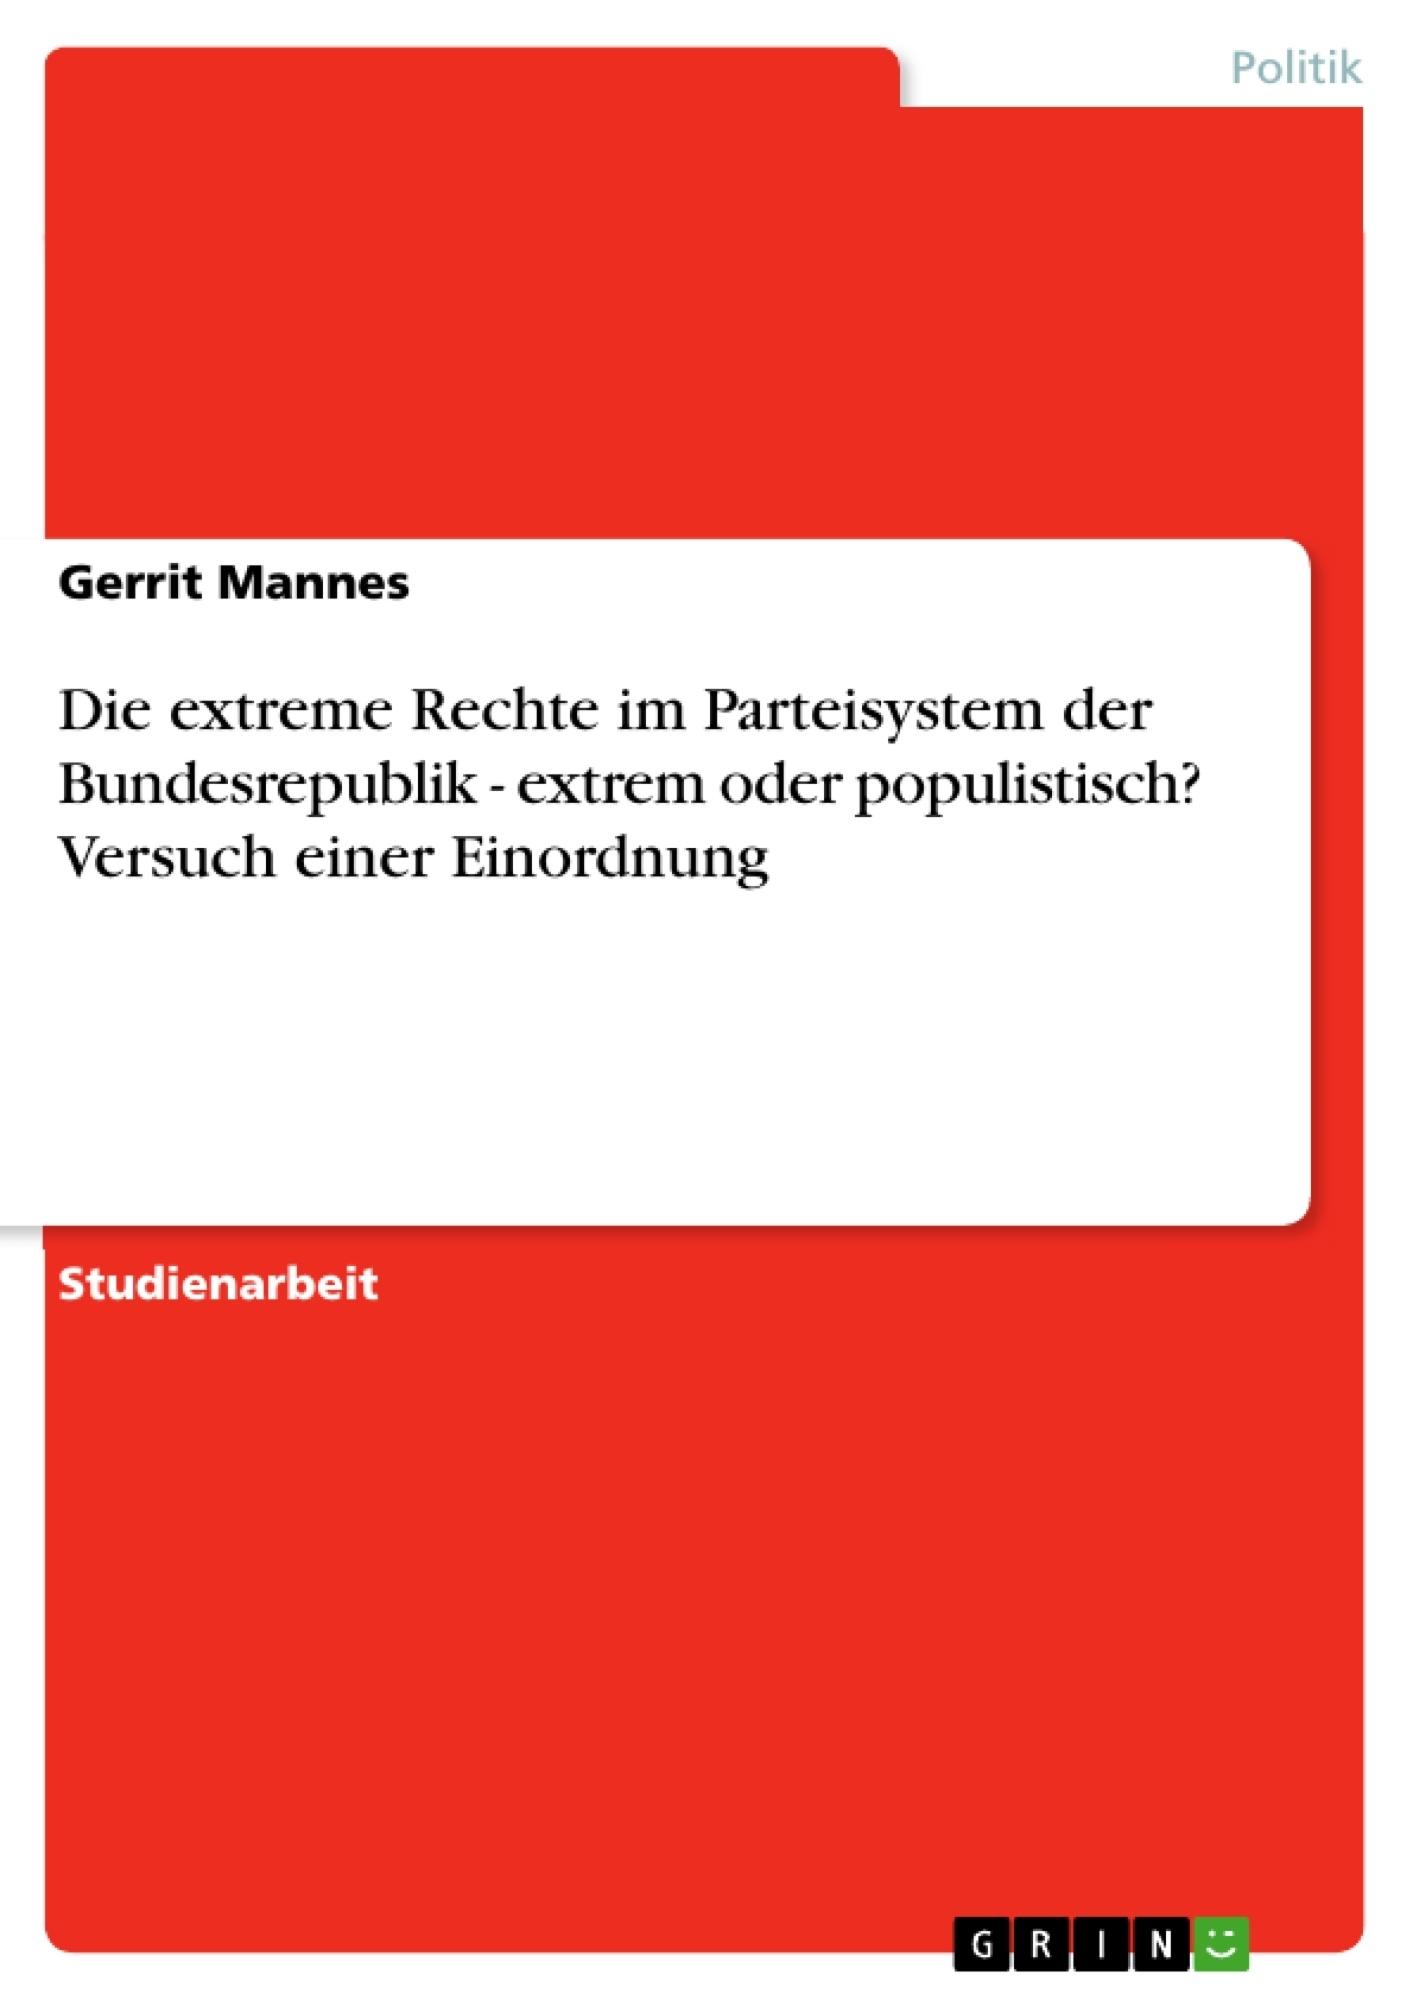 Titel: Die extreme Rechte im Parteisystem der Bundesrepublik - extrem oder populistisch? Versuch einer Einordnung